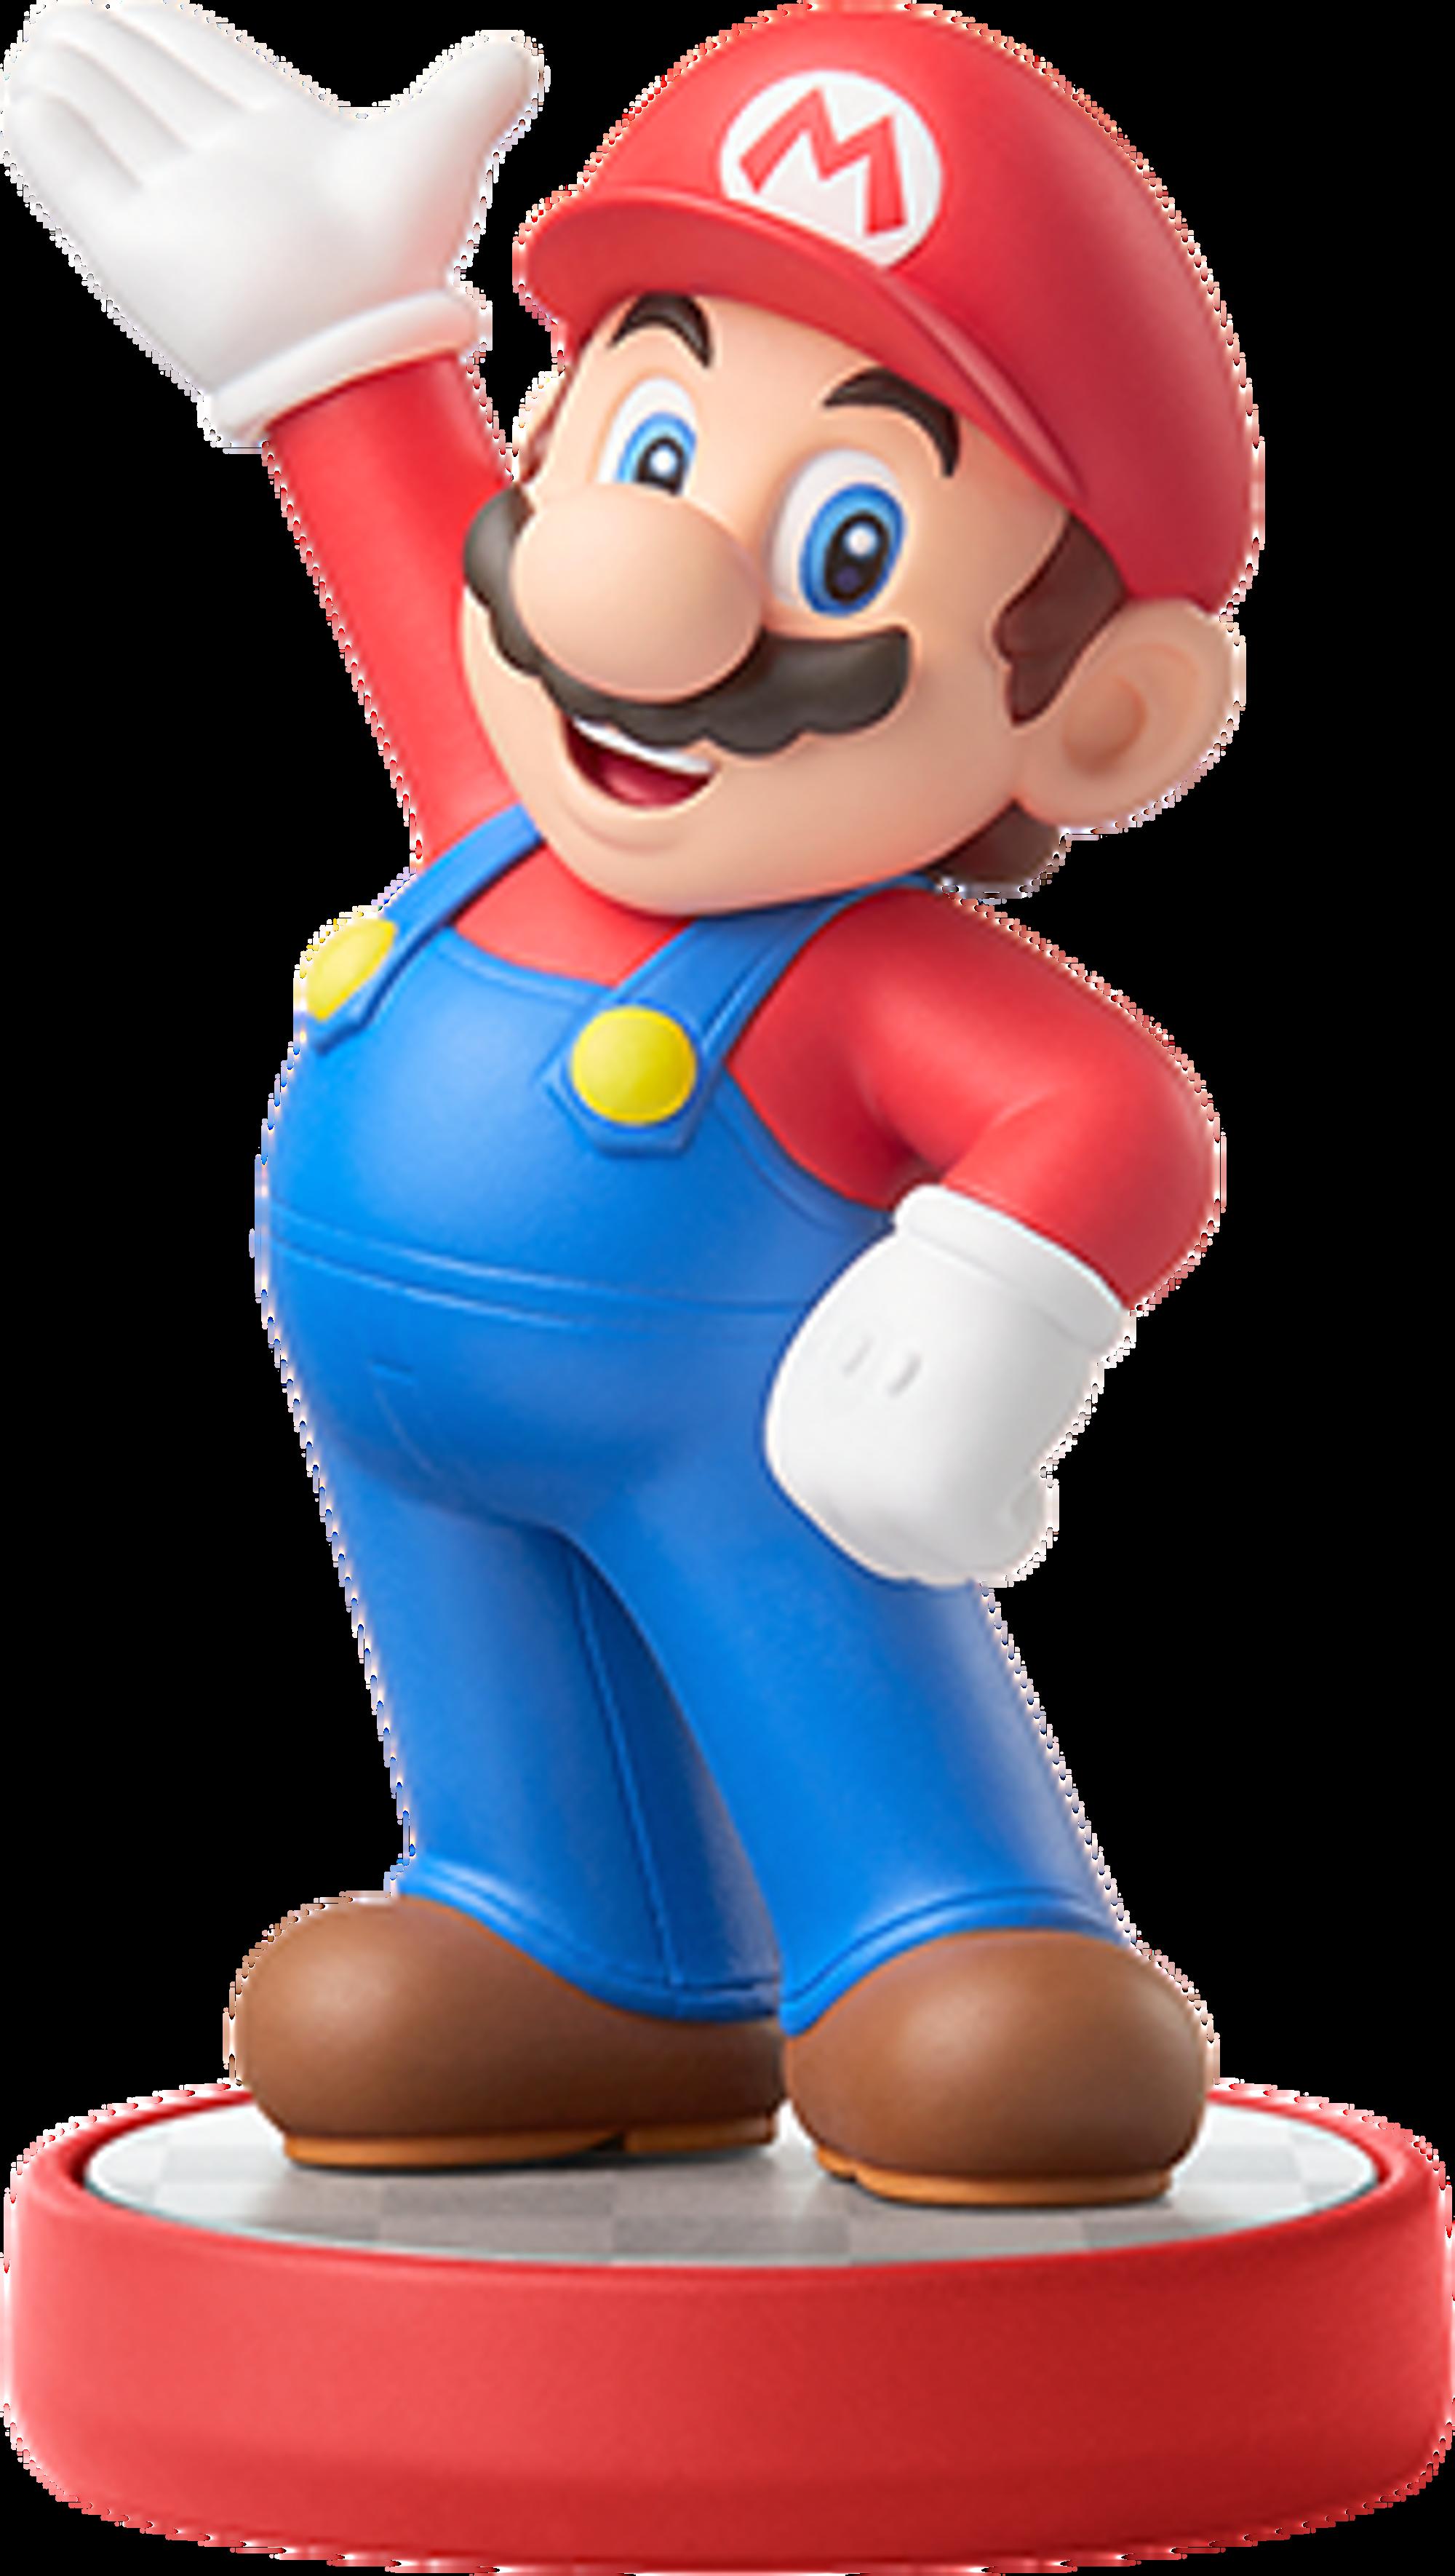 Disse er blitt en hendig distraksjon for Nintendo.